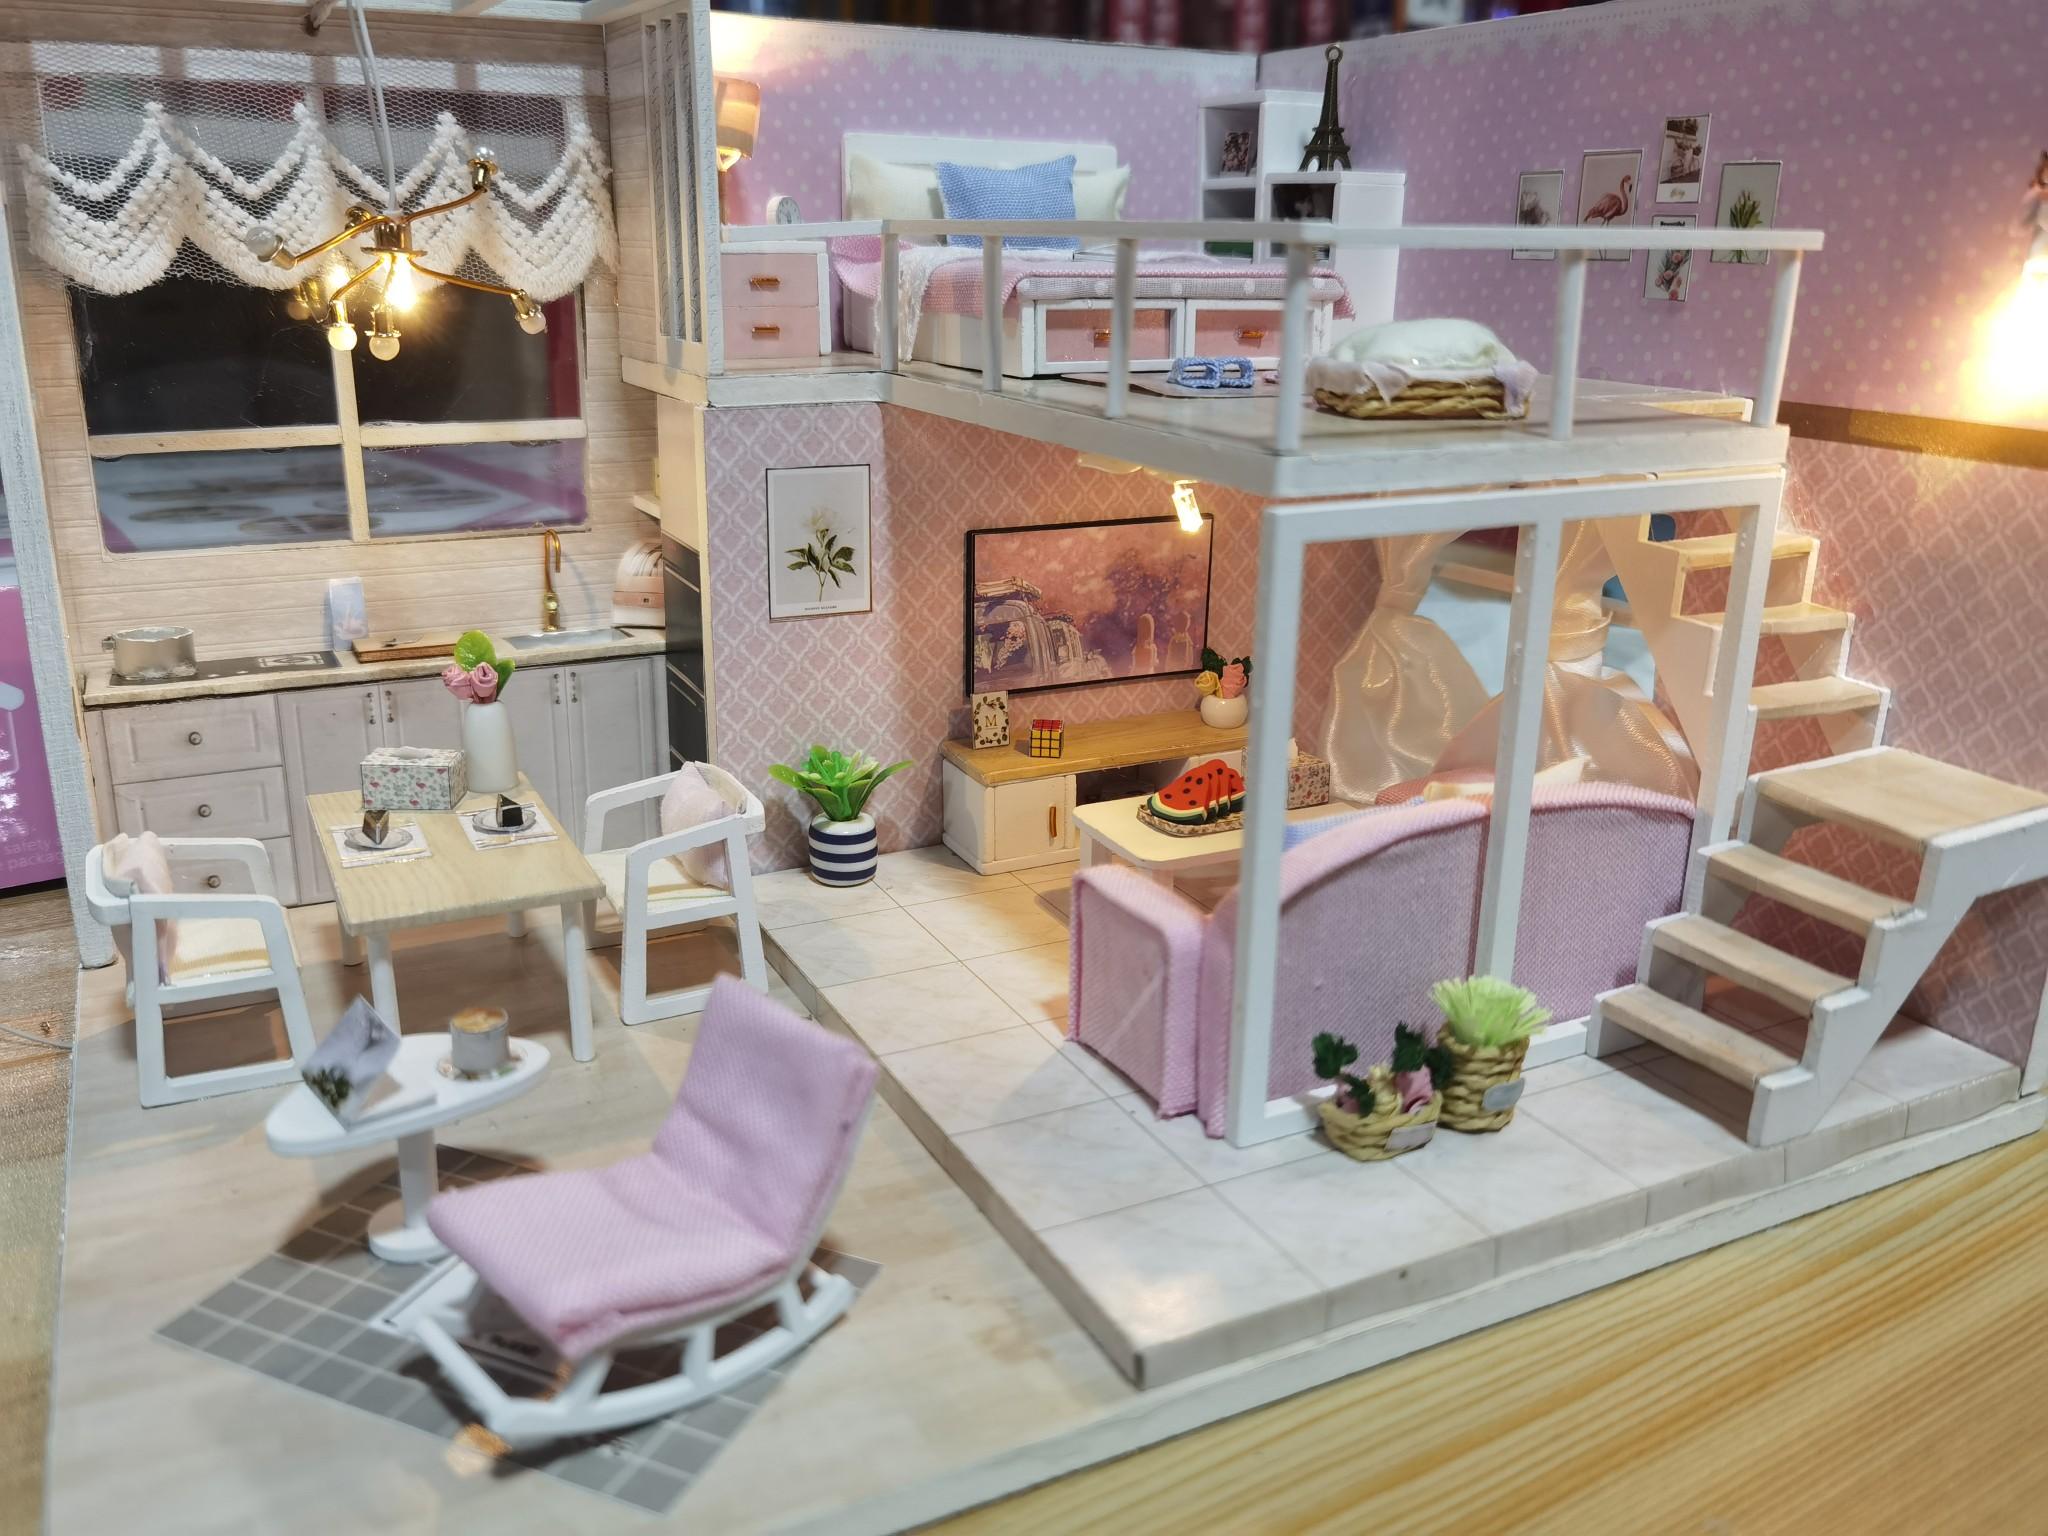 送女盆友的创意生日礼物,diy手工*房子模型